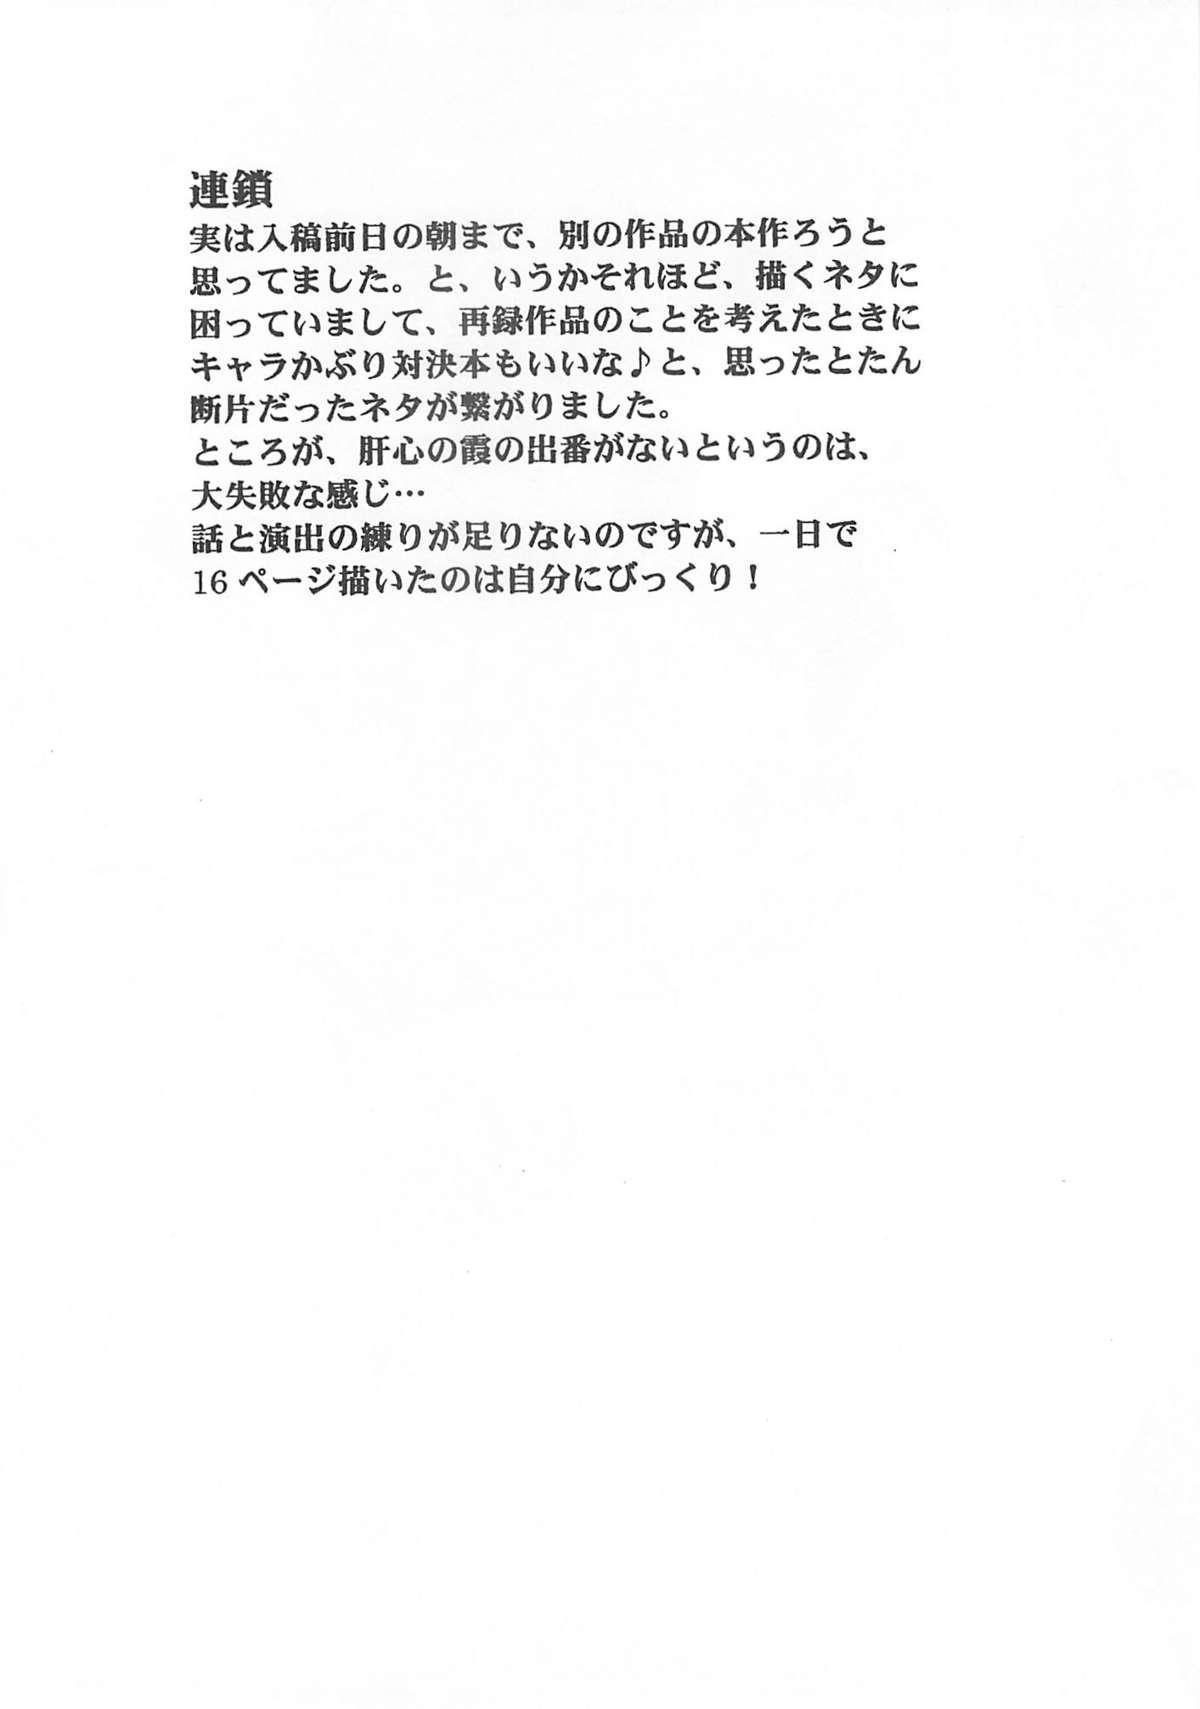 Hanafubuki 19